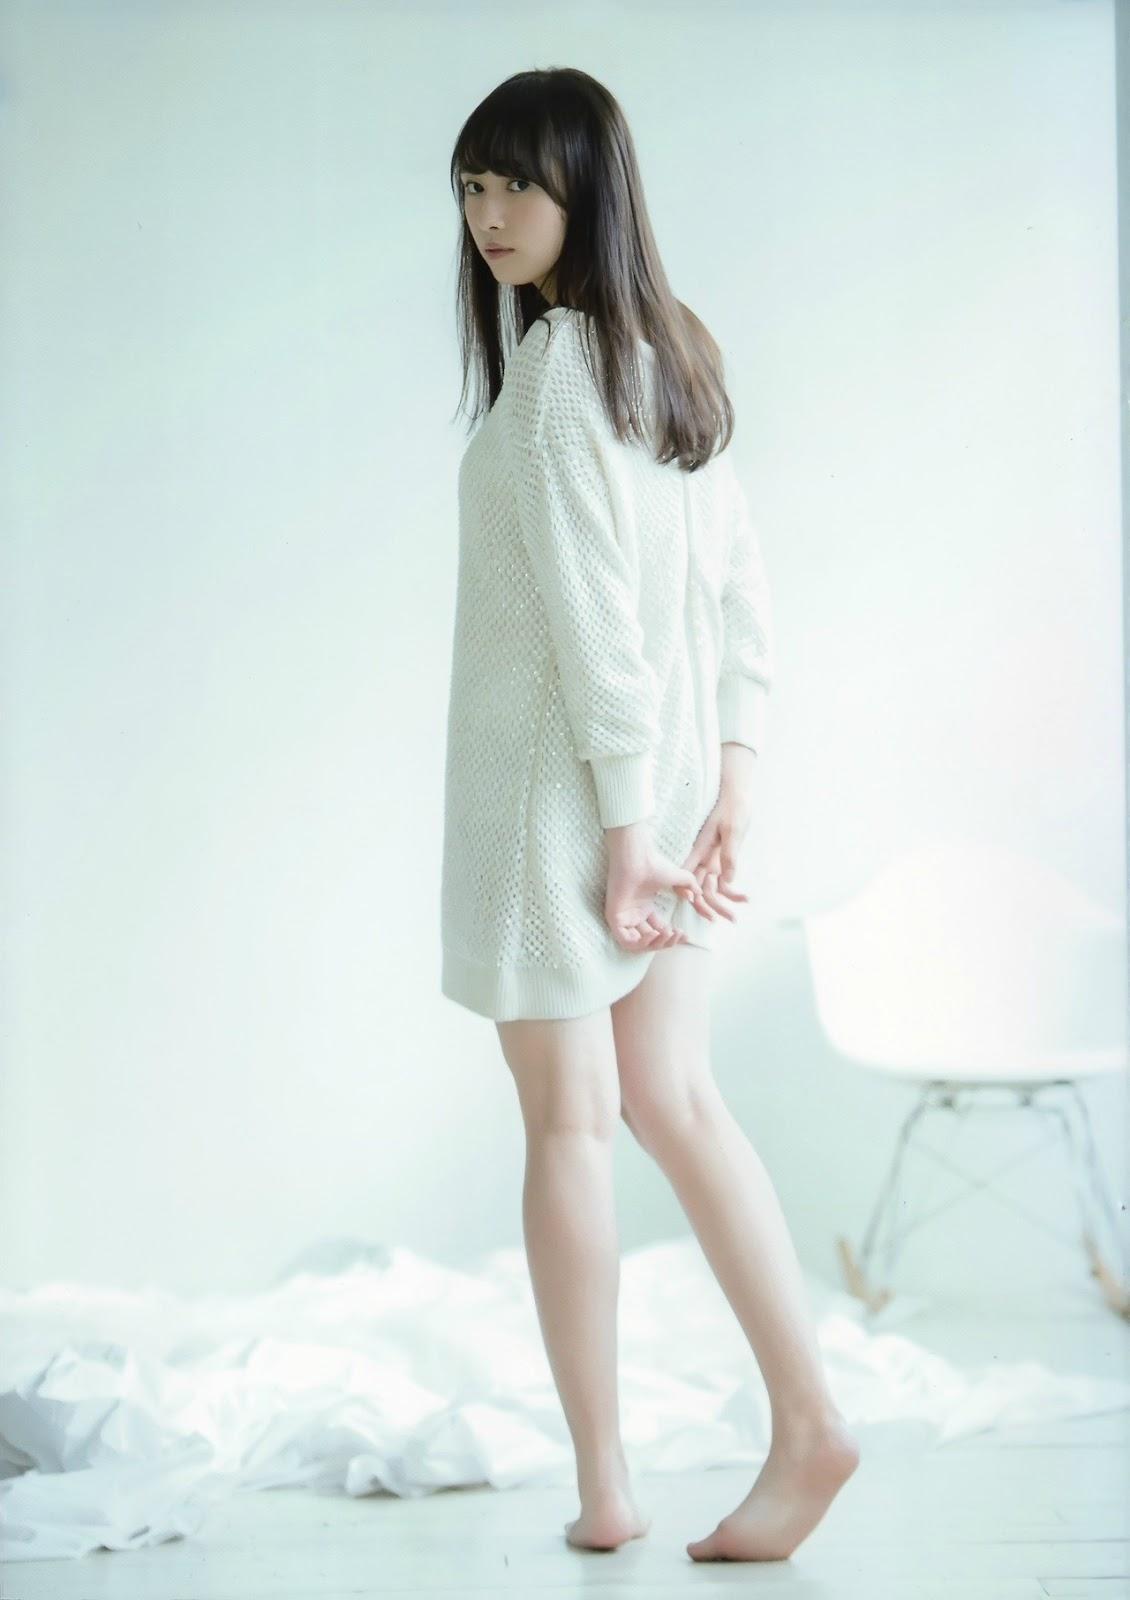 欅坂46渡辺梨加の写真集水着グラビア&アイコラエロ画像97枚・39枚目の画像